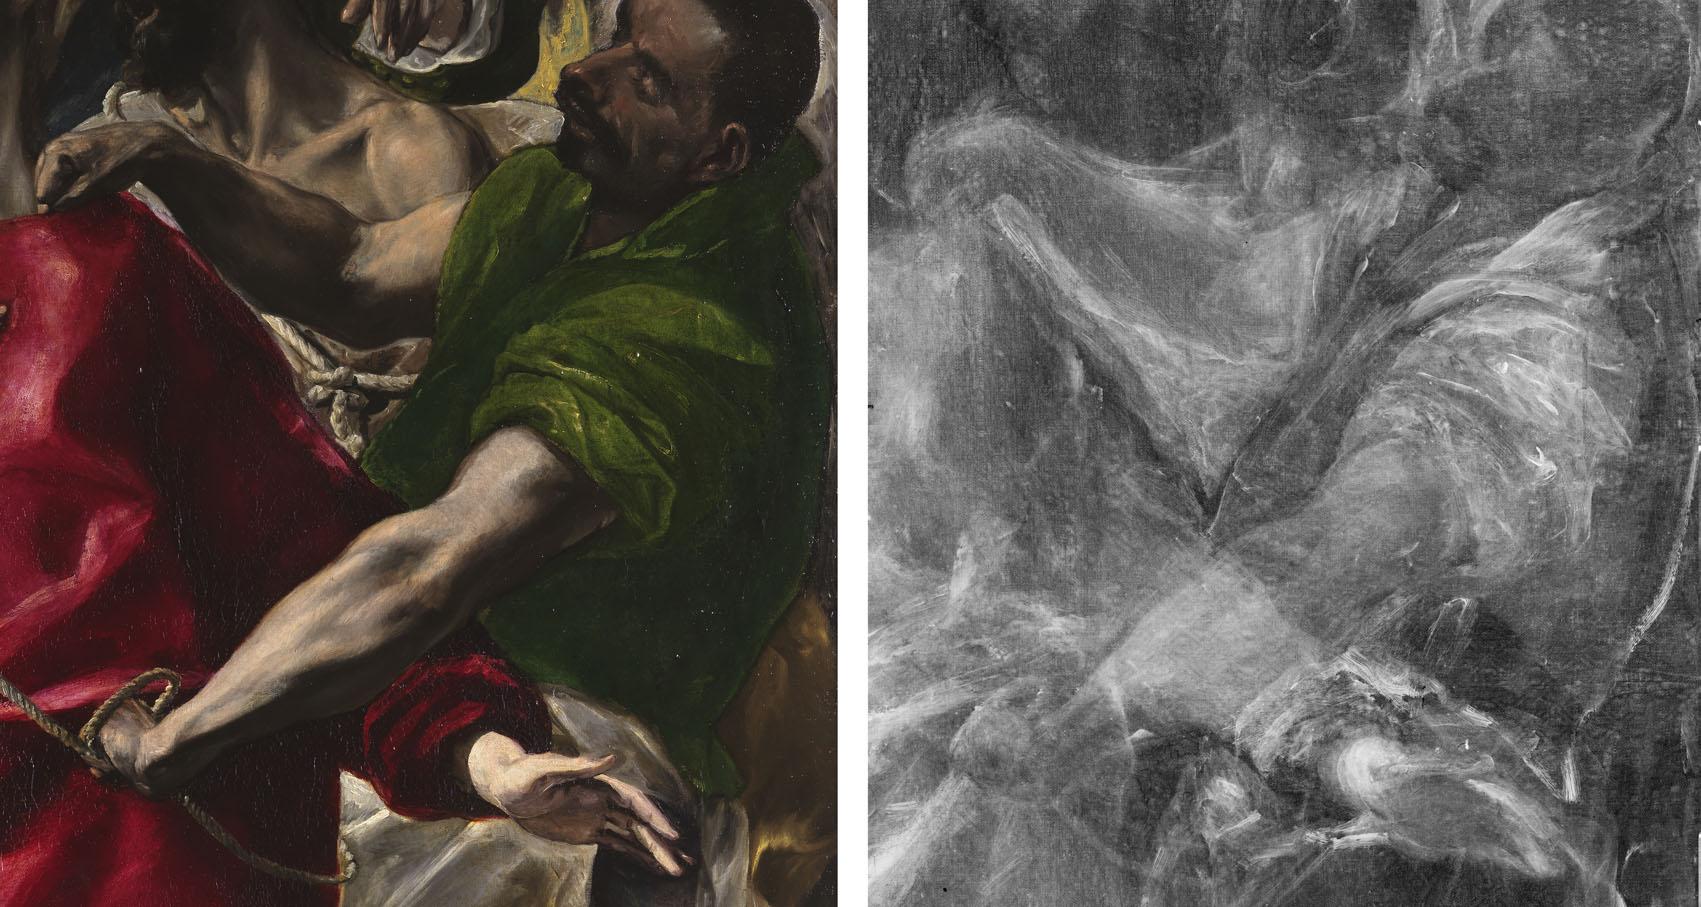 El expolio (detalle), óleo sobre lienzo, 1577-79, Toledo, sacristía de la Catedral. Imagen visible y rayos X con cambios en la composición.